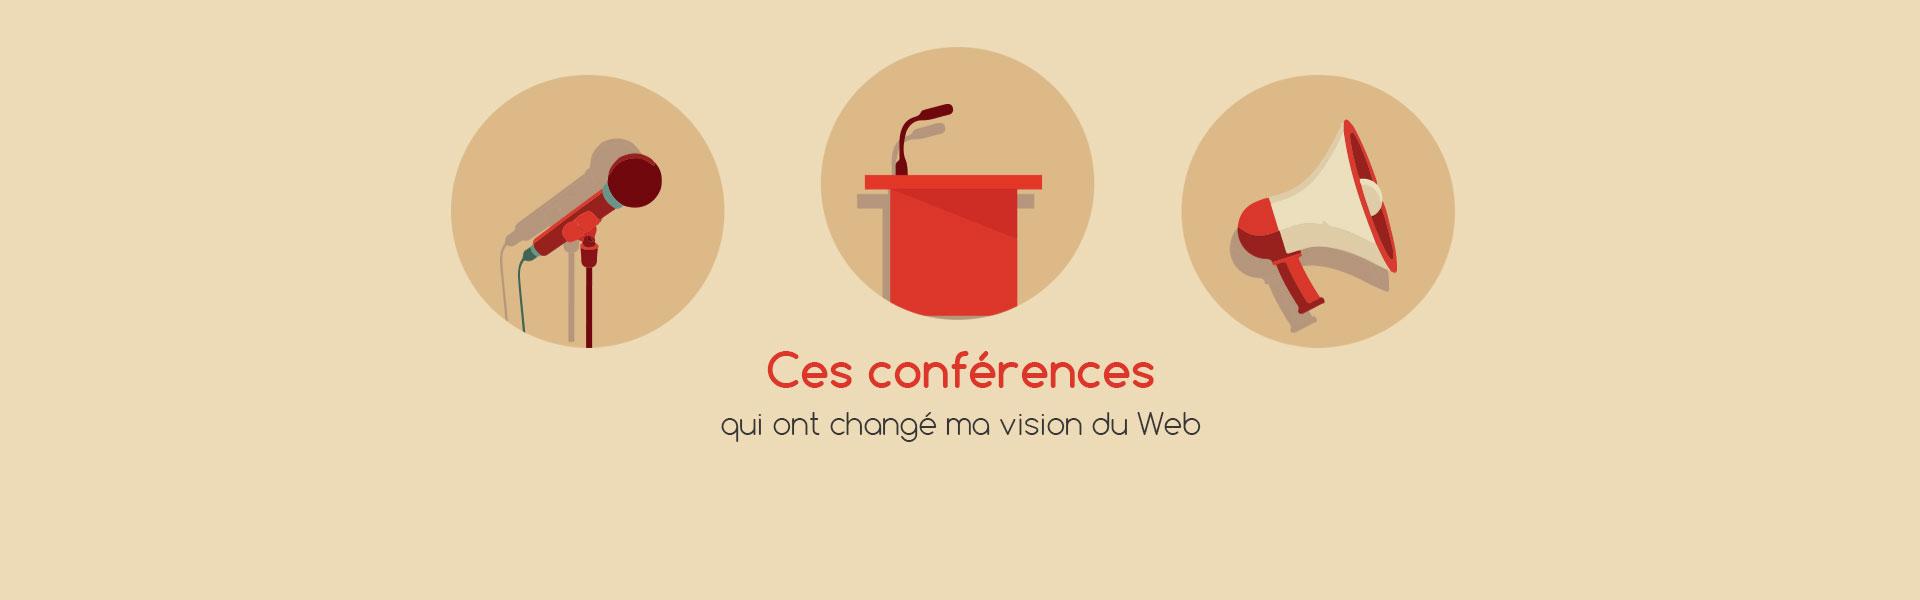 Article - Ces conférences qui ont changé ma vision du web